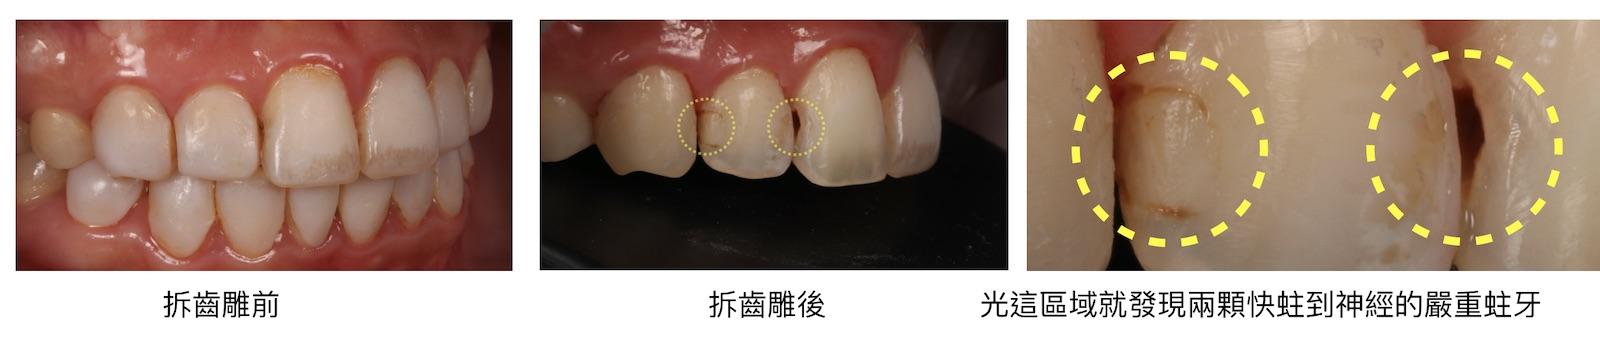 美白齒雕失敗-美白齒雕缺點-拆齒雕後-蛀牙-齒雕後遺症